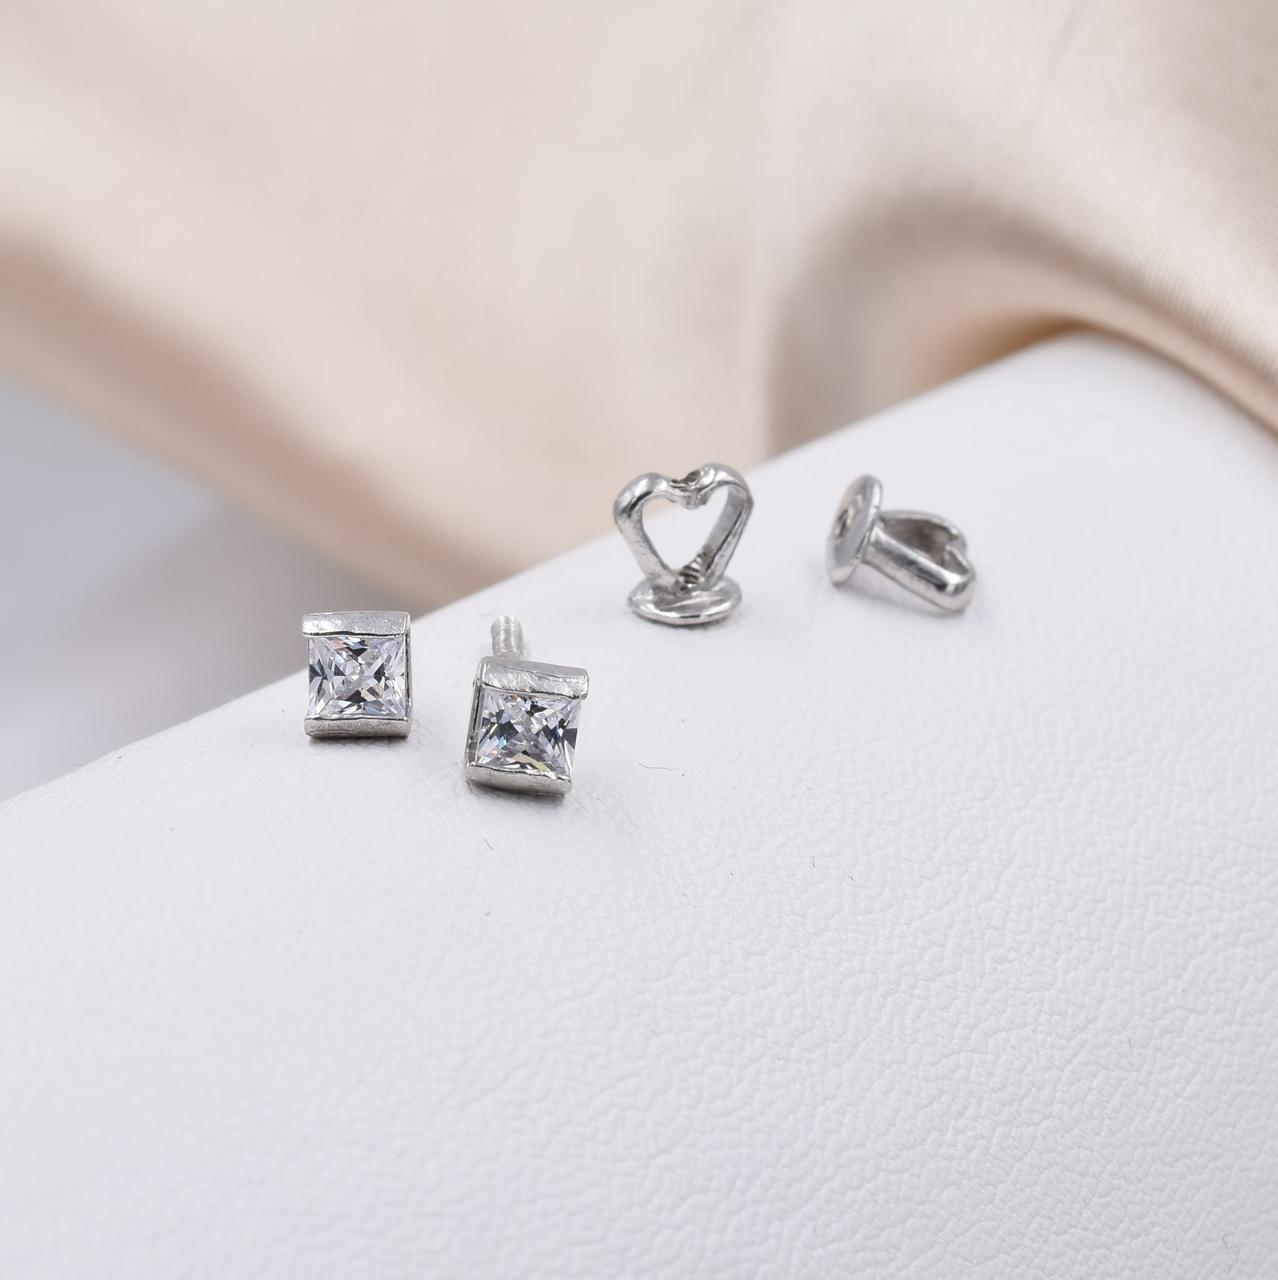 Серебряные серьги гвоздики Квадро размер 4х4 мм вставка белые фианиты вес 1.4 г